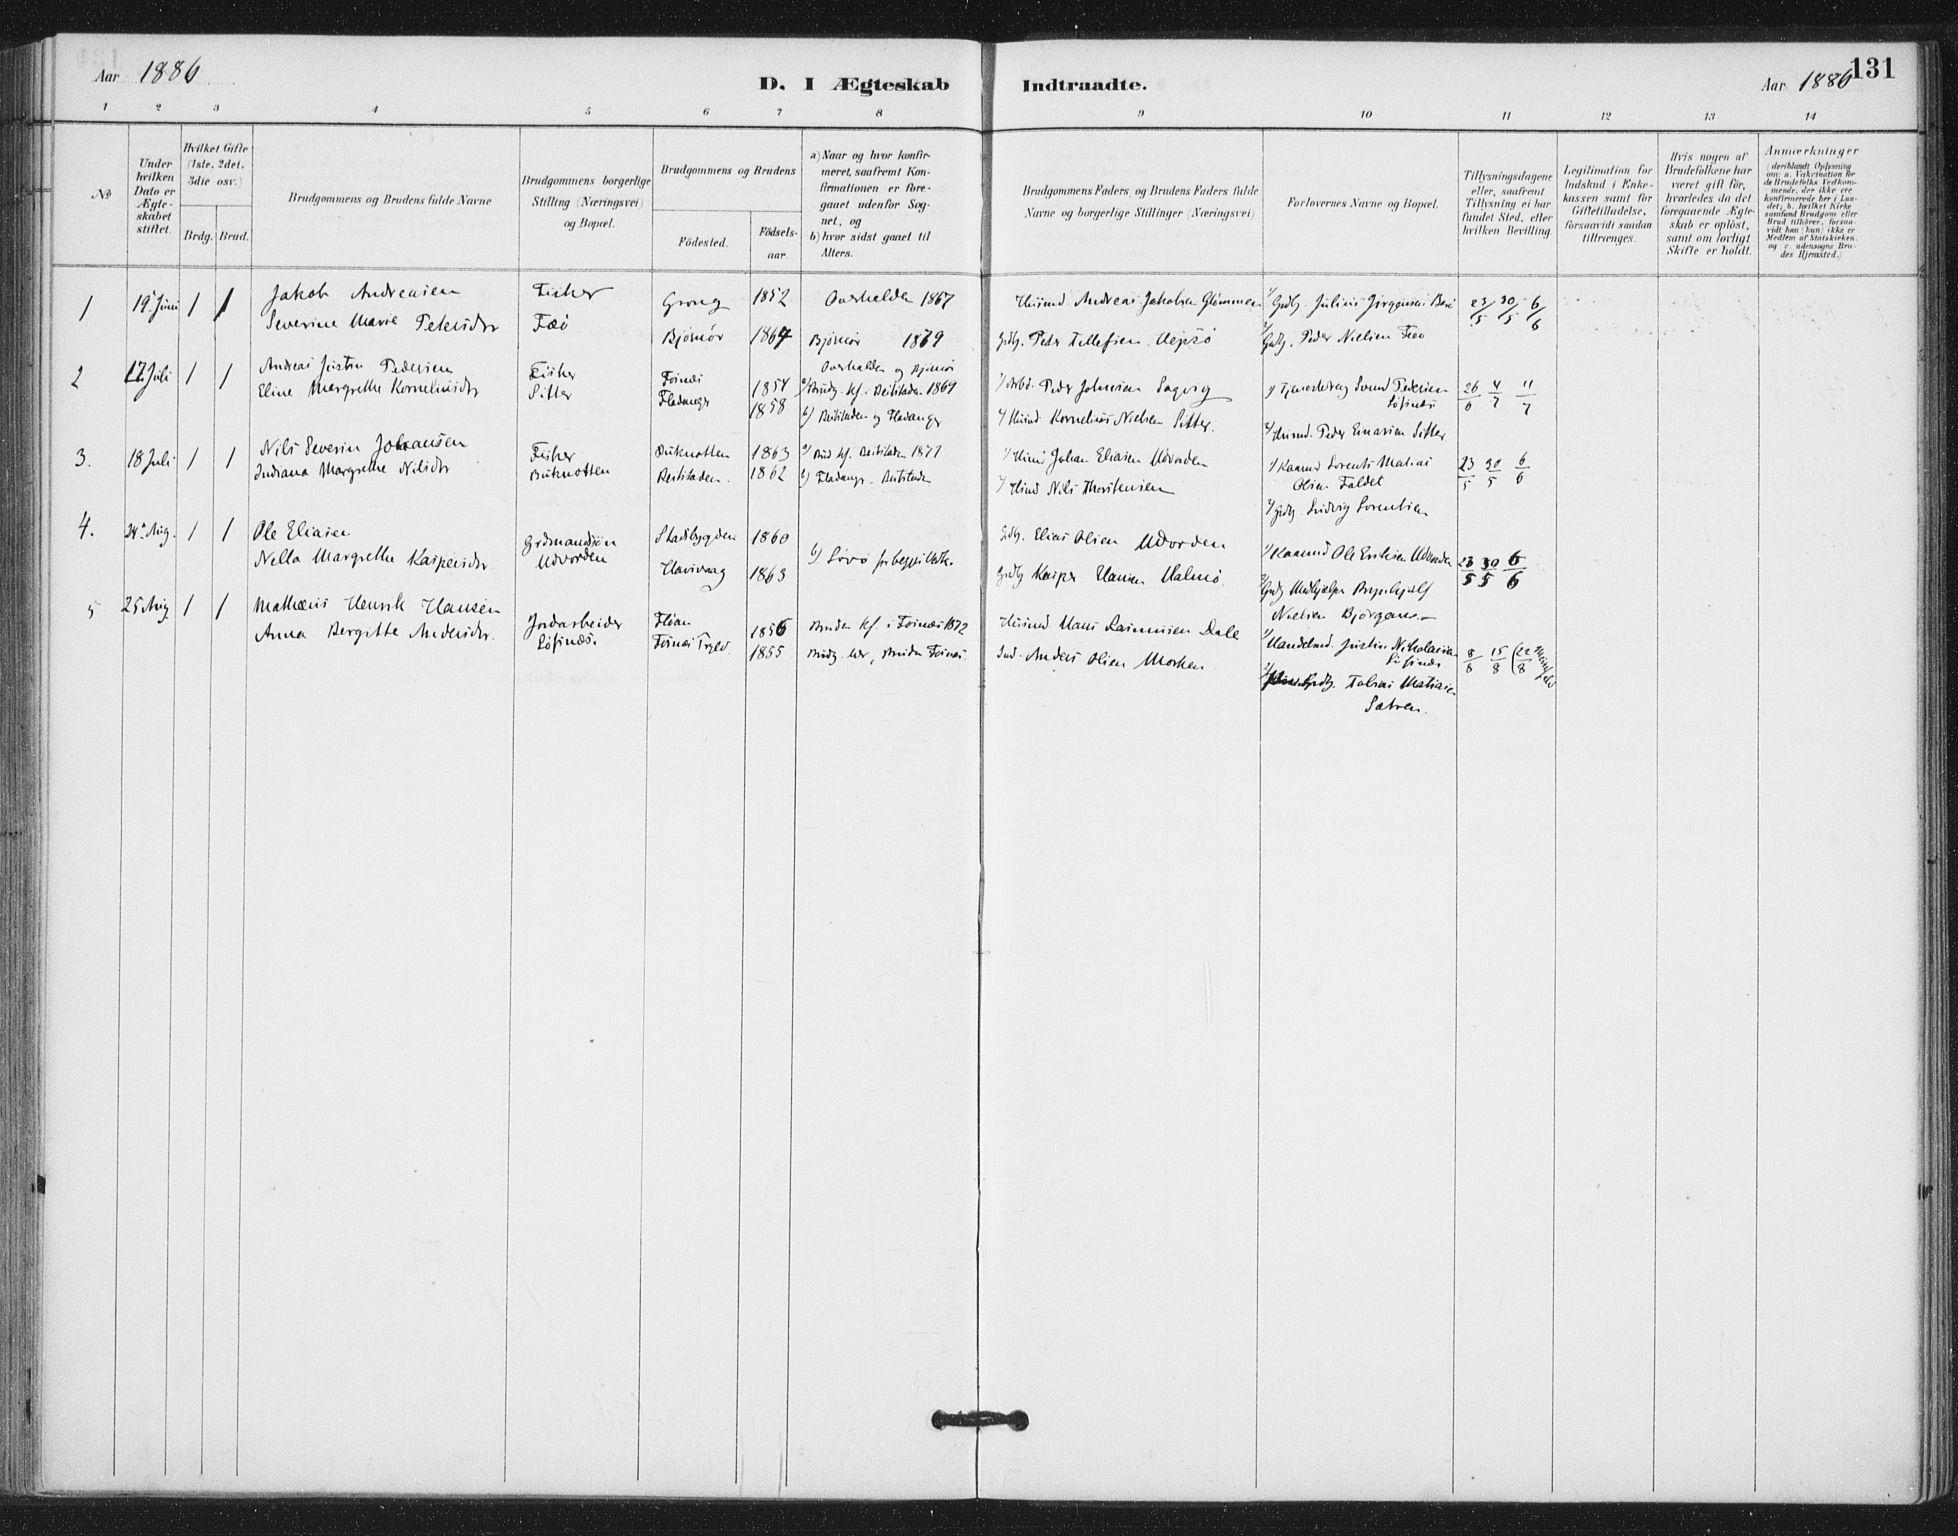 SAT, Ministerialprotokoller, klokkerbøker og fødselsregistre - Nord-Trøndelag, 772/L0603: Ministerialbok nr. 772A01, 1885-1912, s. 131